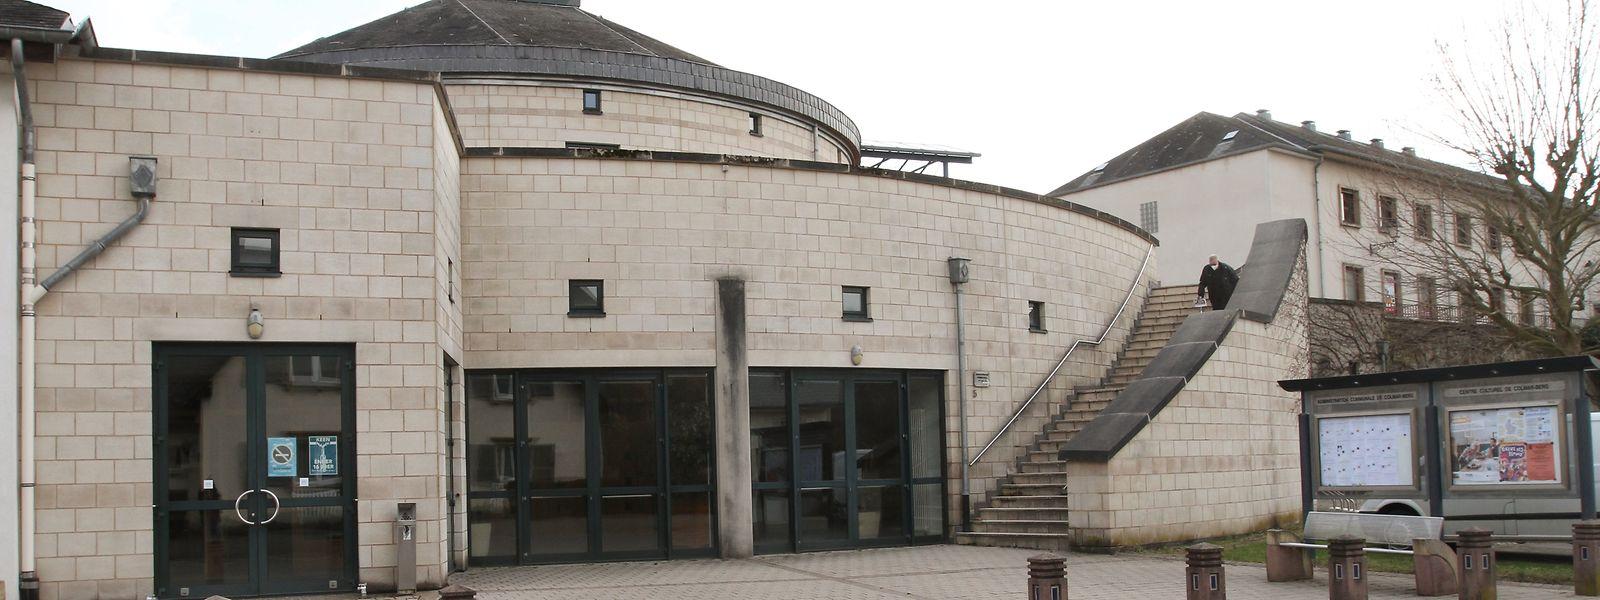 Das 1998 eingeweihte Kulturzentrum präsentiert sich auch heute noch modern und funktional. / Foto: Arlette SCHMIT-THIERING